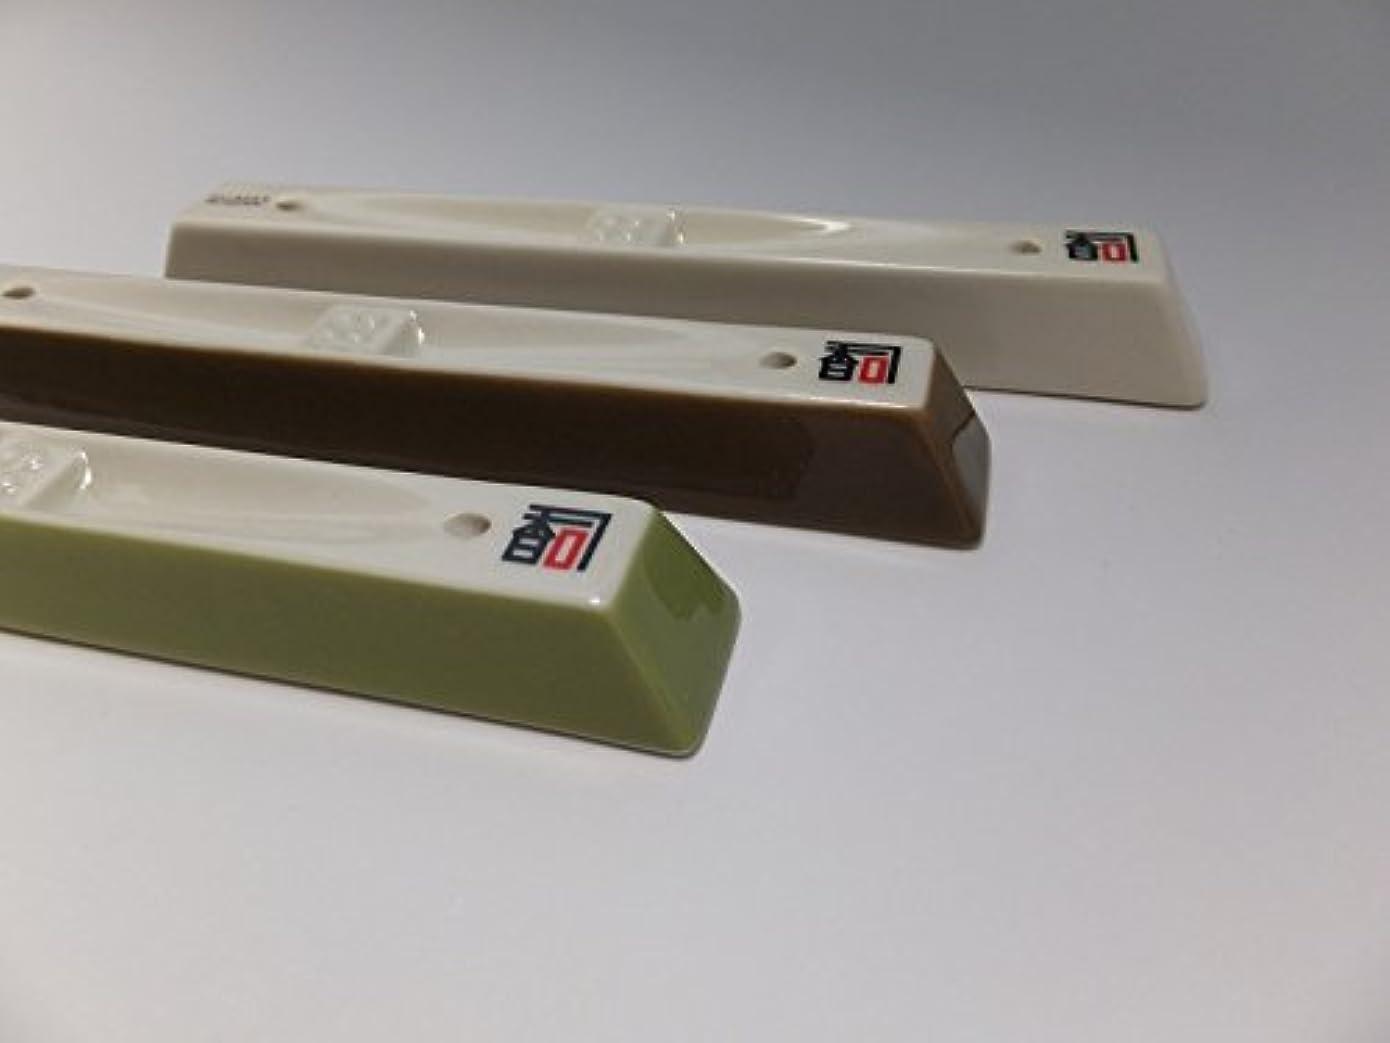 ポイント地下室キャンバスあわじ島の香司 「香司オリジナル商品」 特製 香立 3種(緑?白?茶)